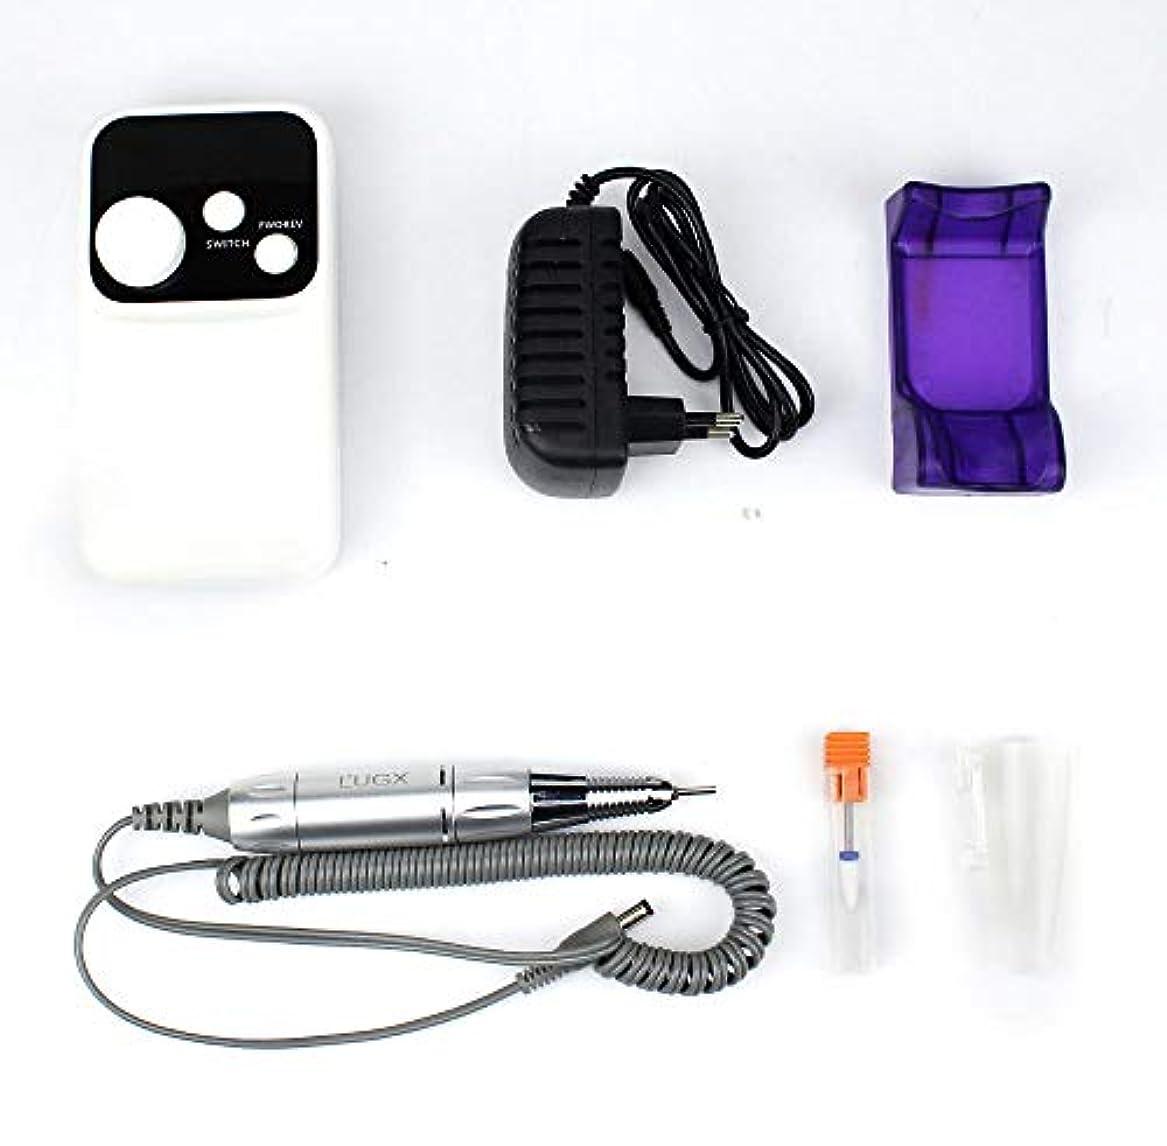 静かにばかげている書き出すネイルズのためにツールセットネイルアート用品の装飾を研磨携帯用電気マニキュアドリル充電ネイルドリルマシン、18W 35000RPM